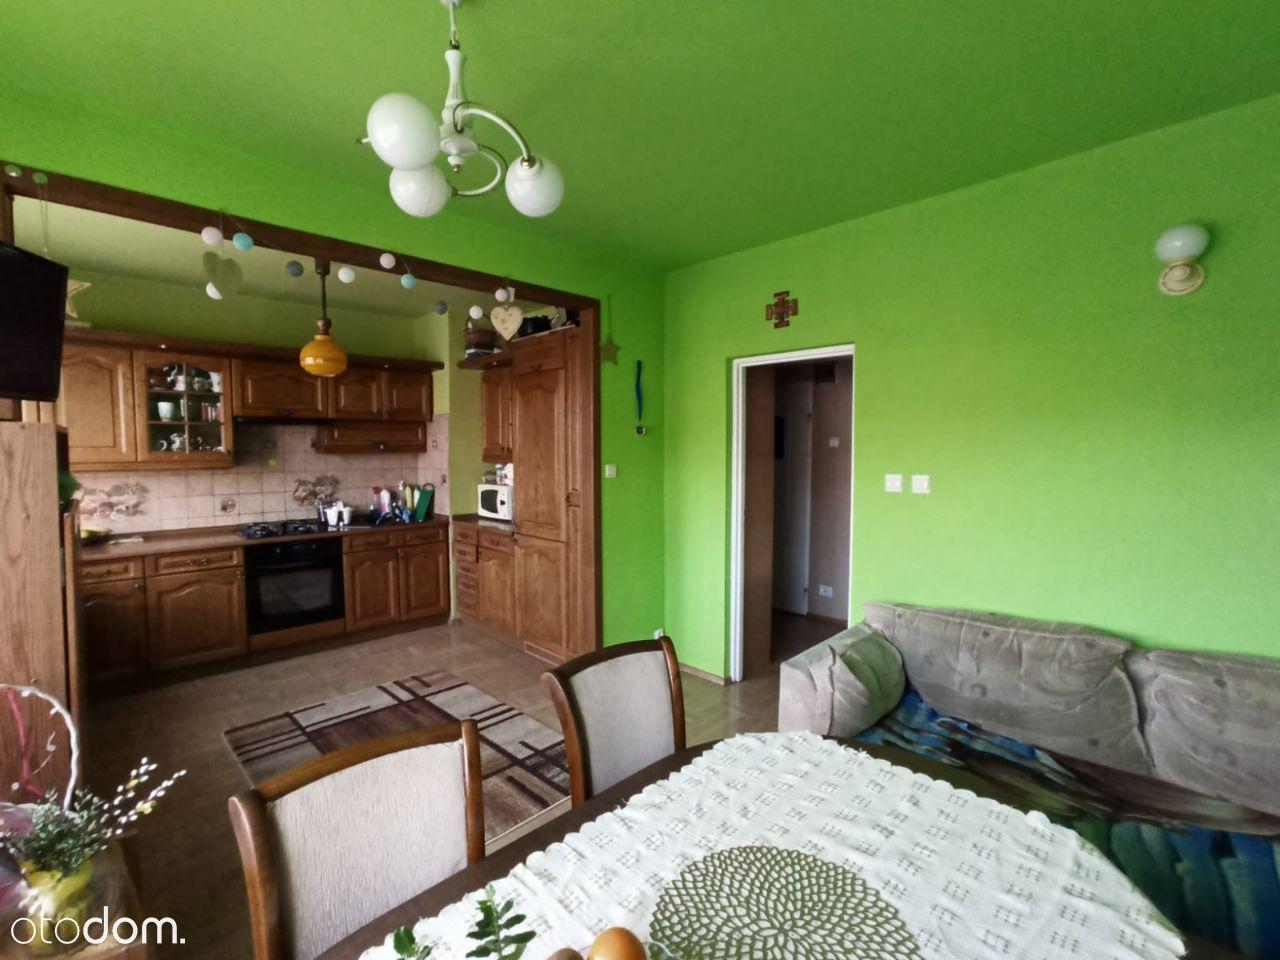 Apartament/mieszkanie 3 pokojowe w centrum+garaż